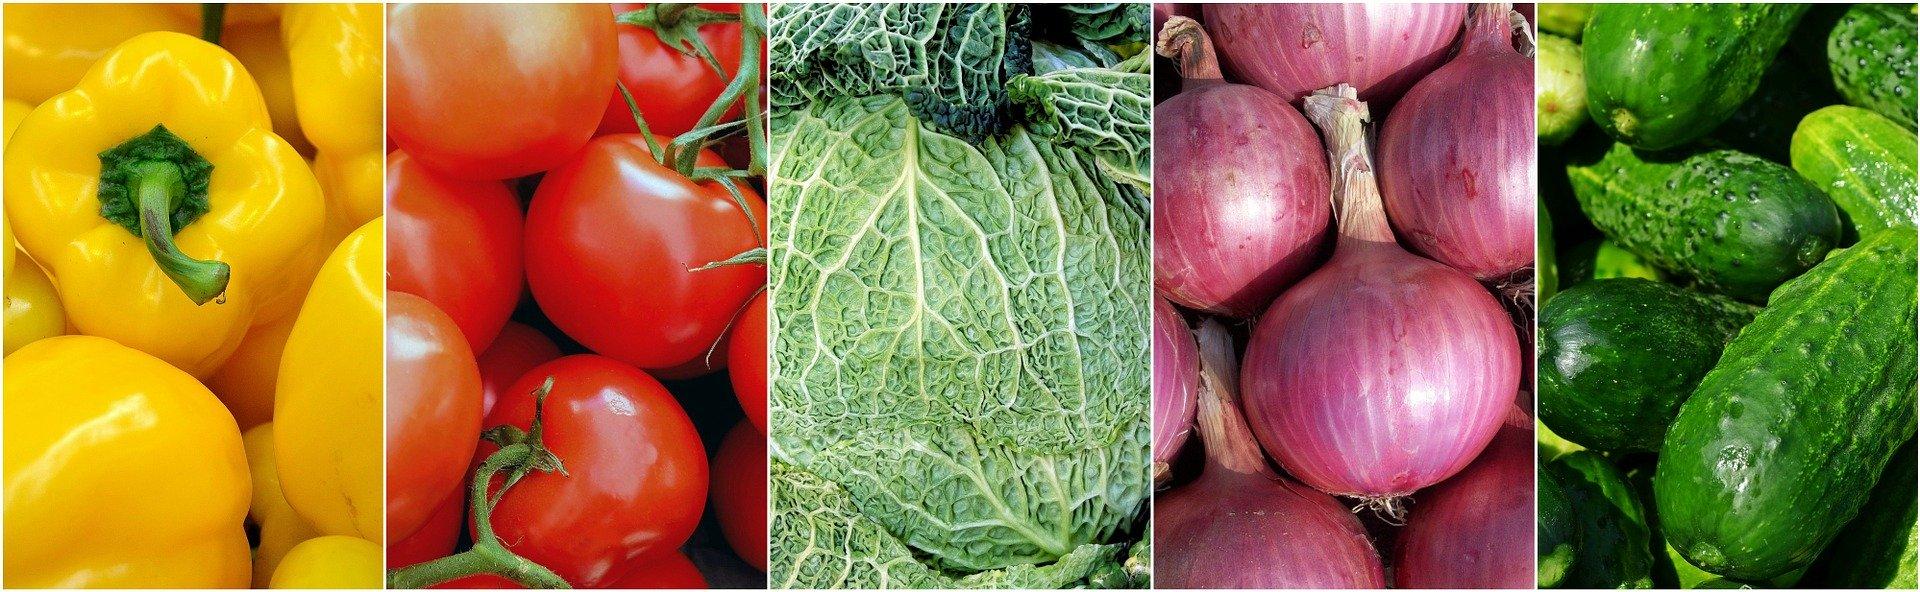 hortalizas originalspain